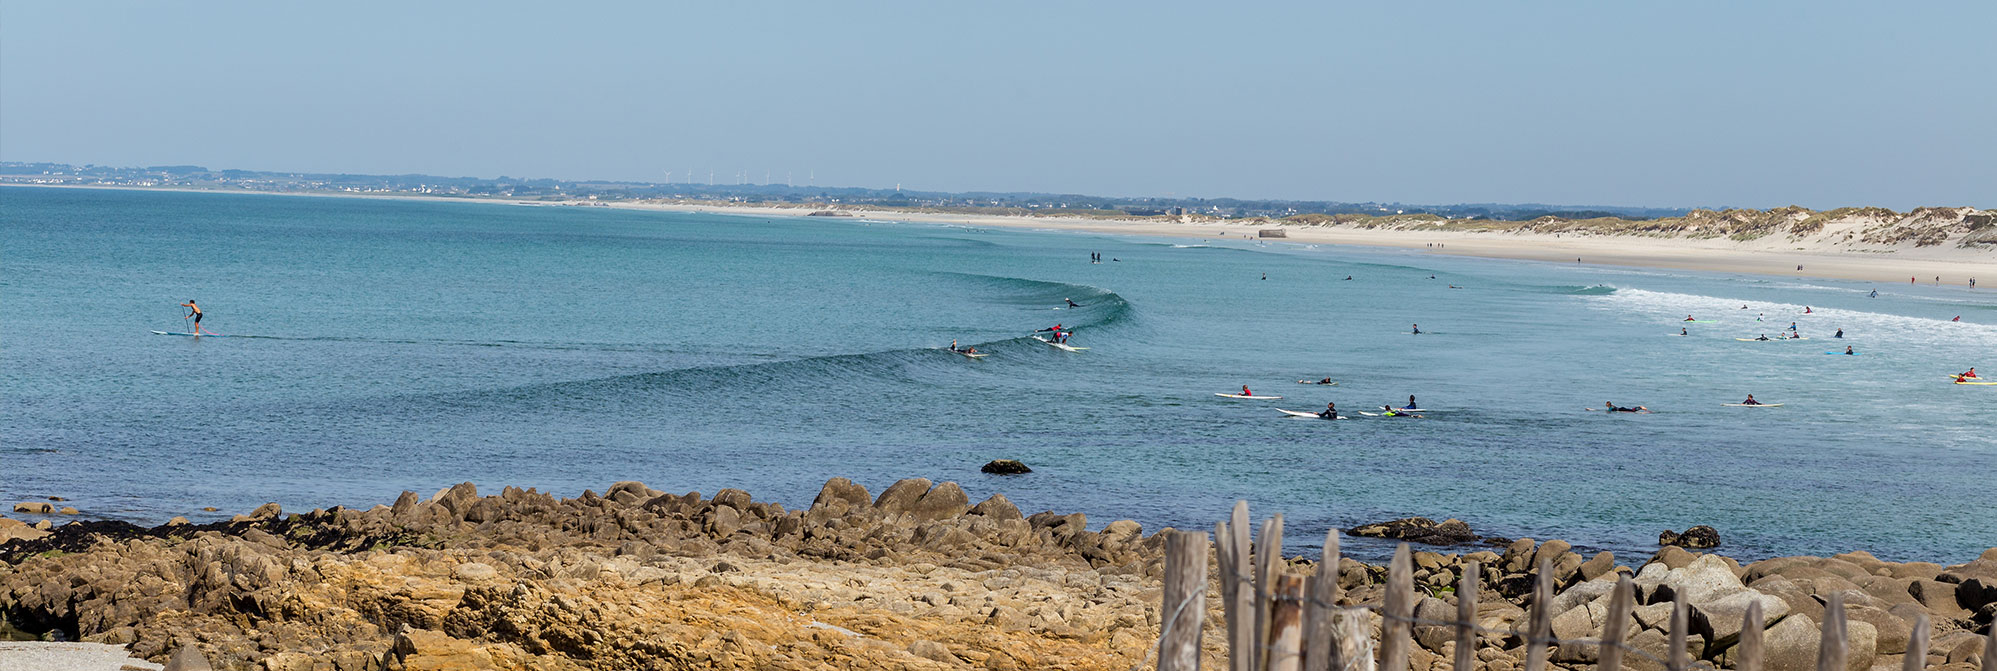 Pointe de la Torche finistère Coco Surf Trip Surf